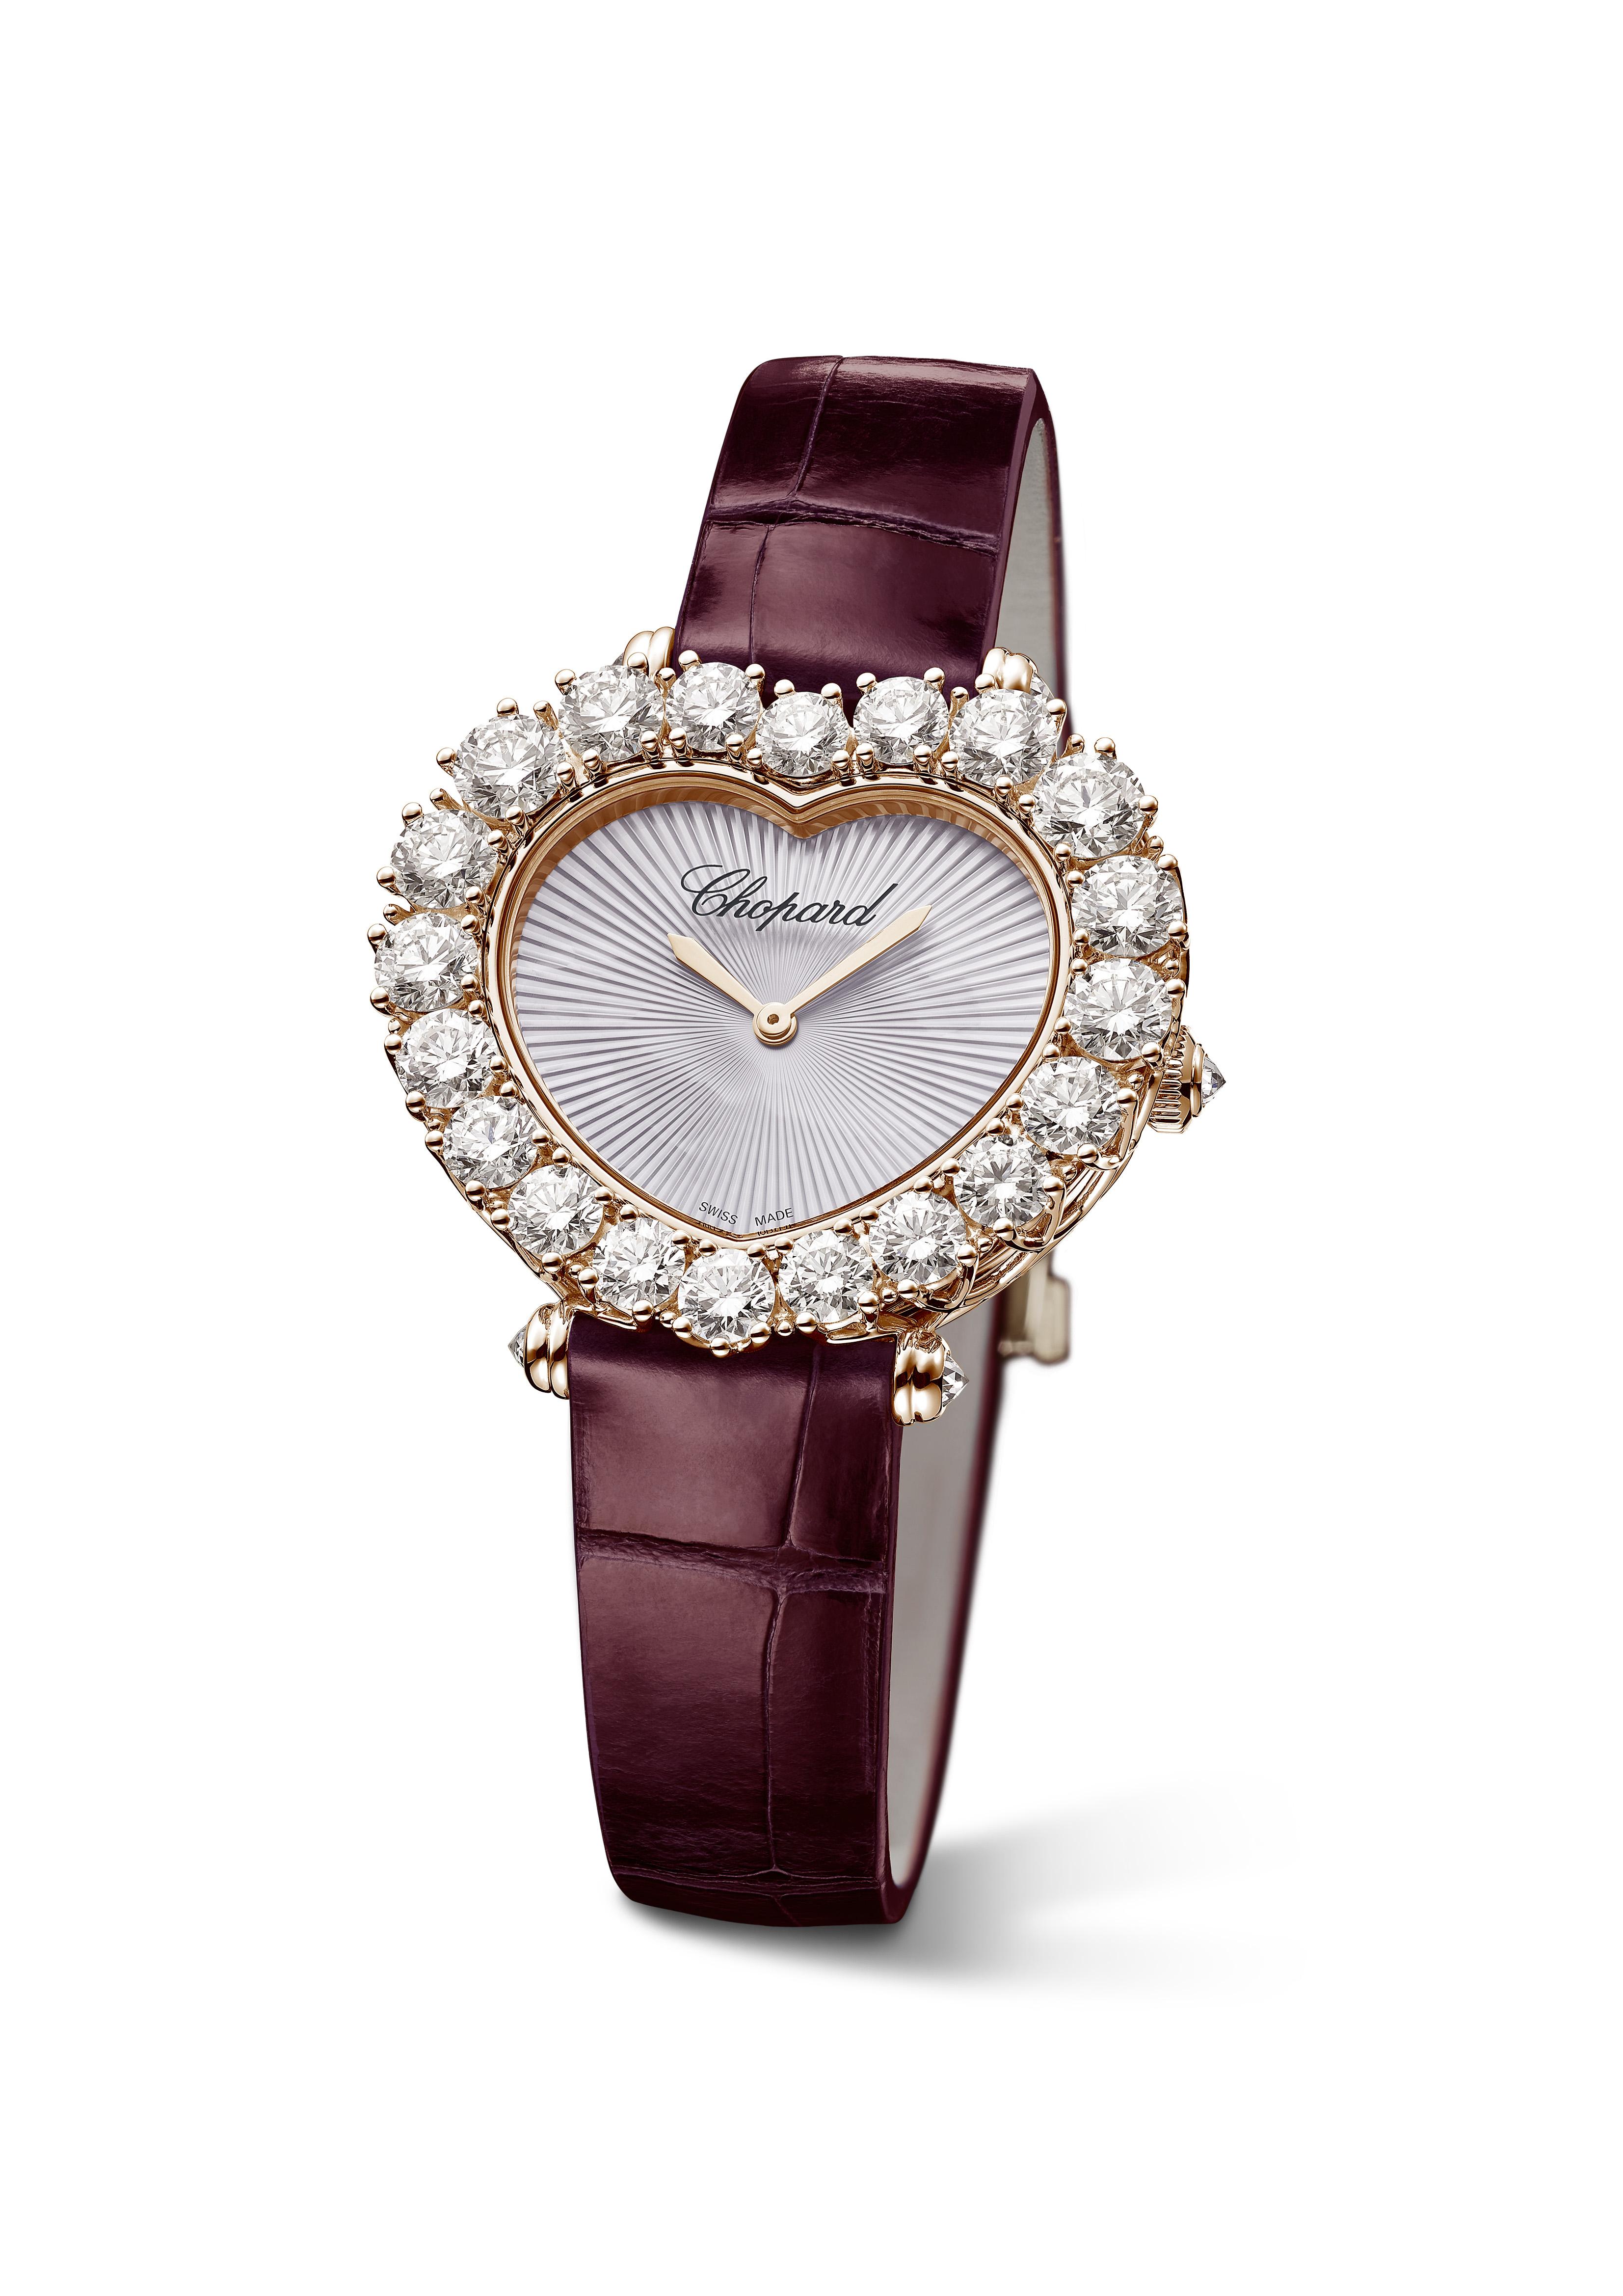 ساعة لور دو ديامانتL'Heure du Diamant  Chopard